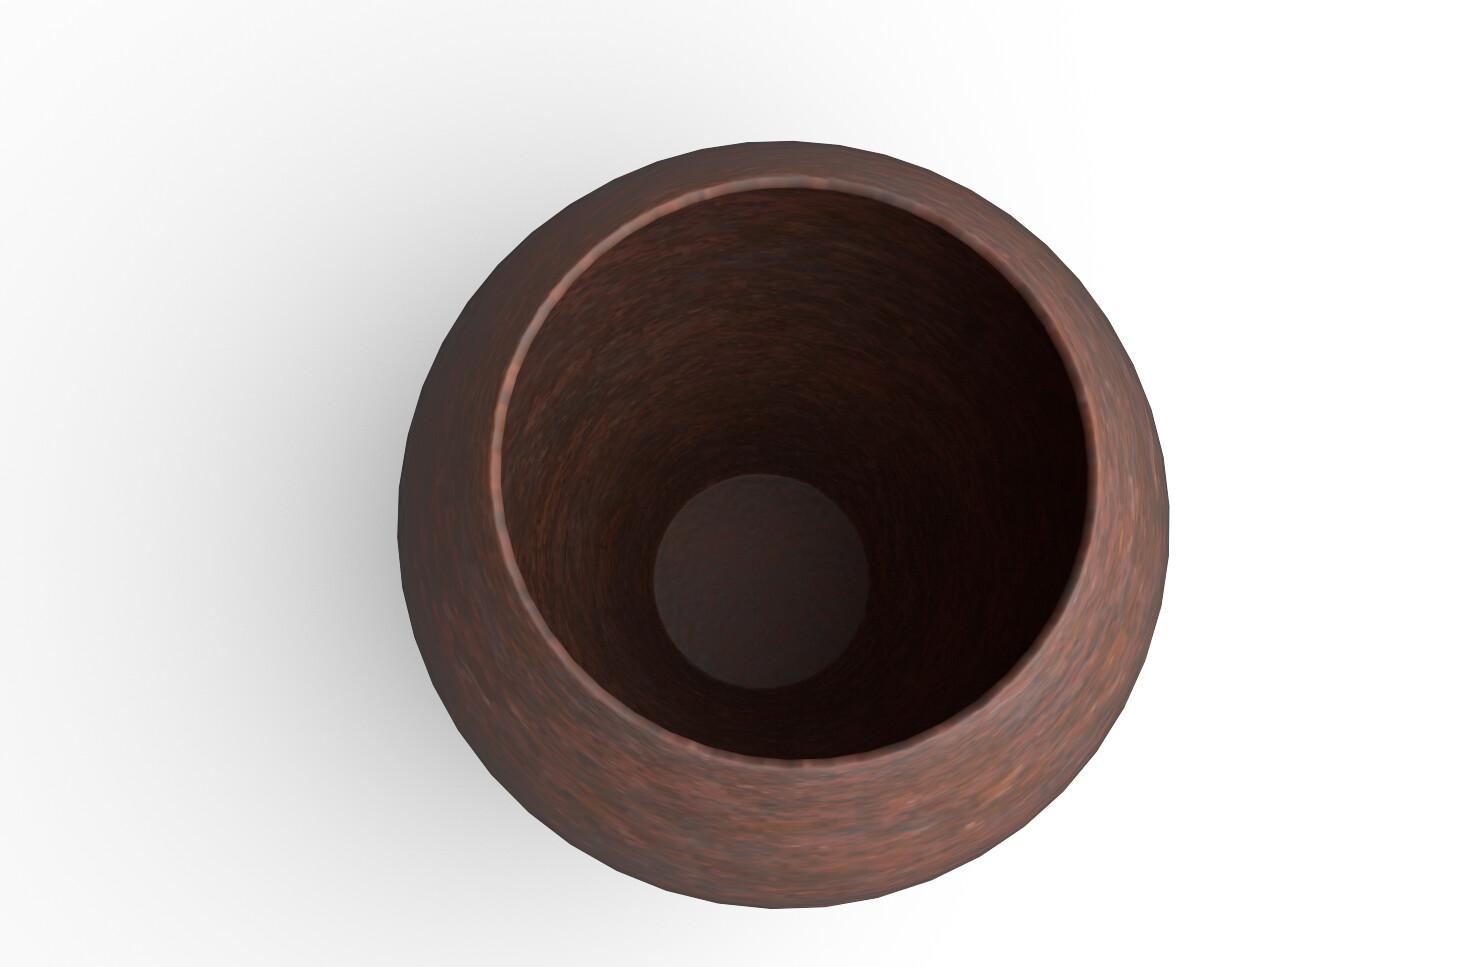 Joseph moniz vase005b